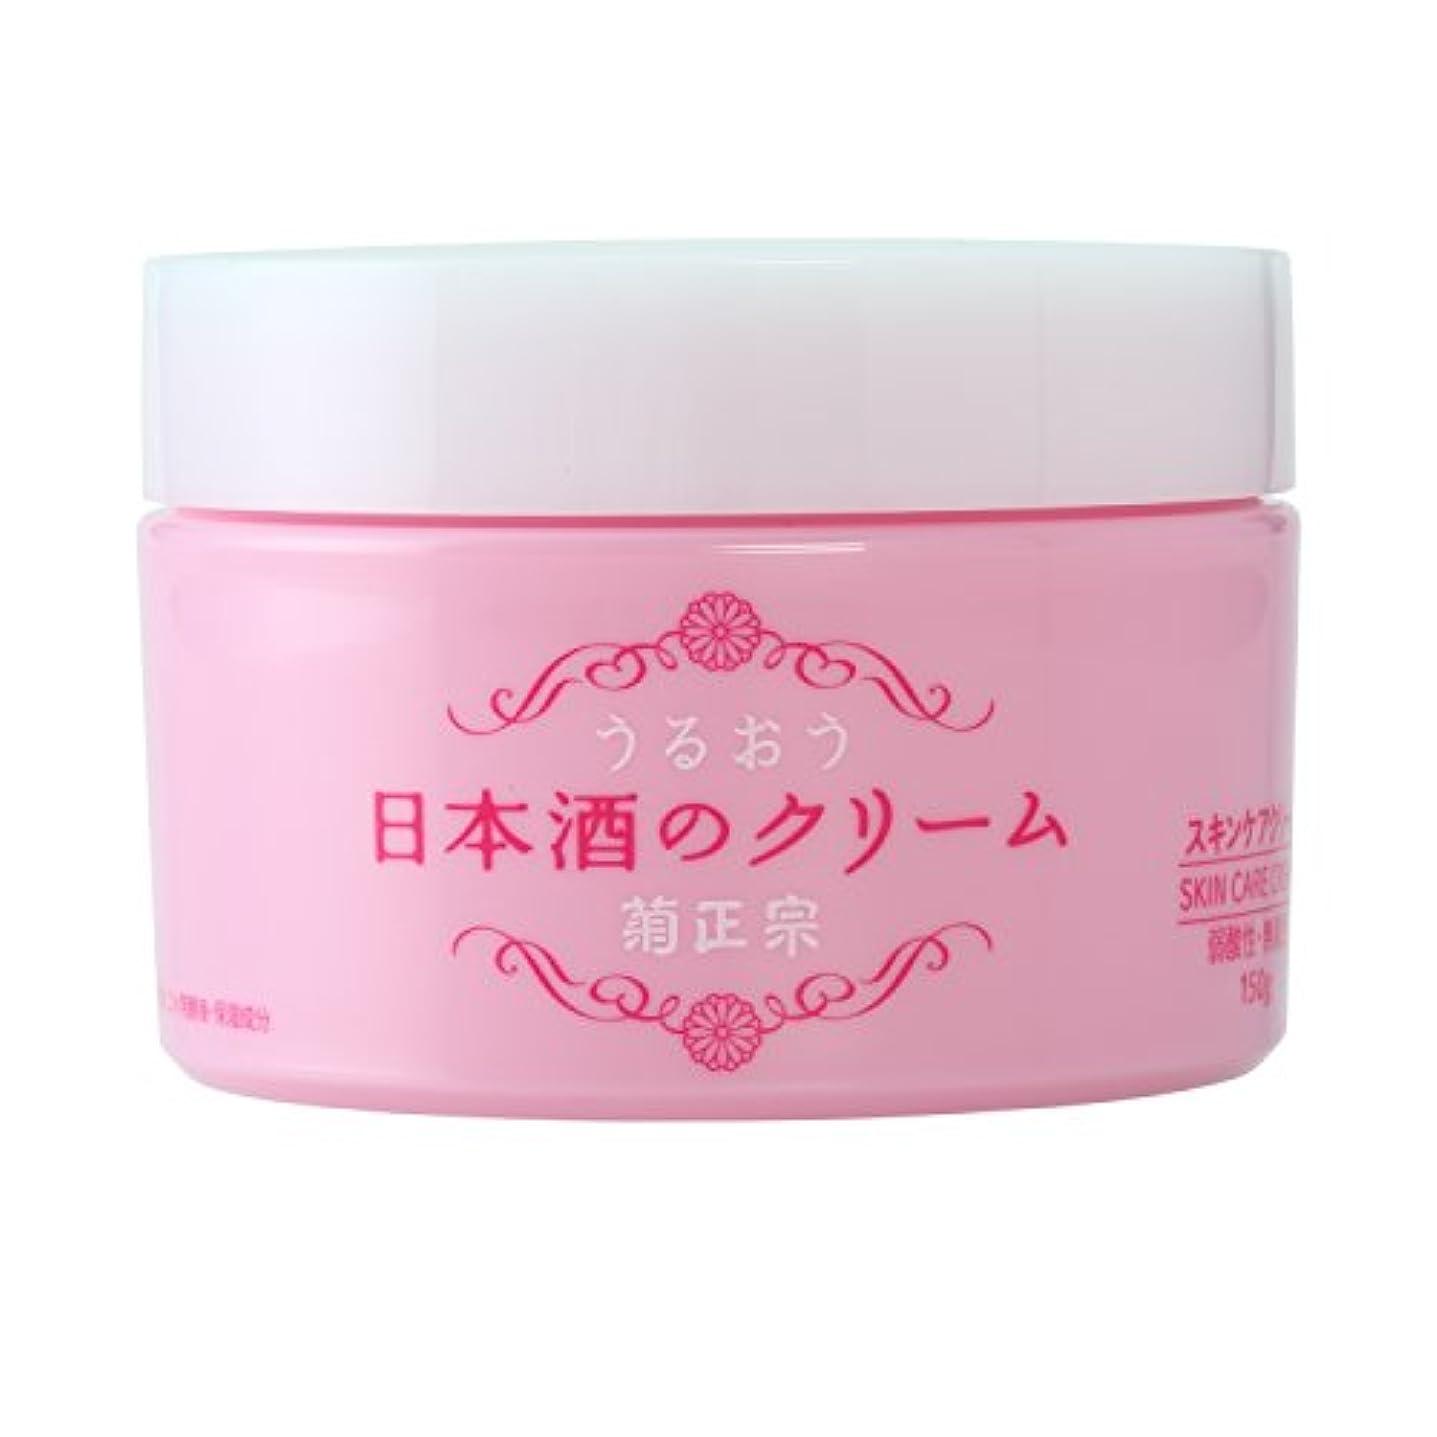 肥沃な期限切れオーバーフロー菊正宗 日本酒のクリーム 150g 顔 全身 保湿